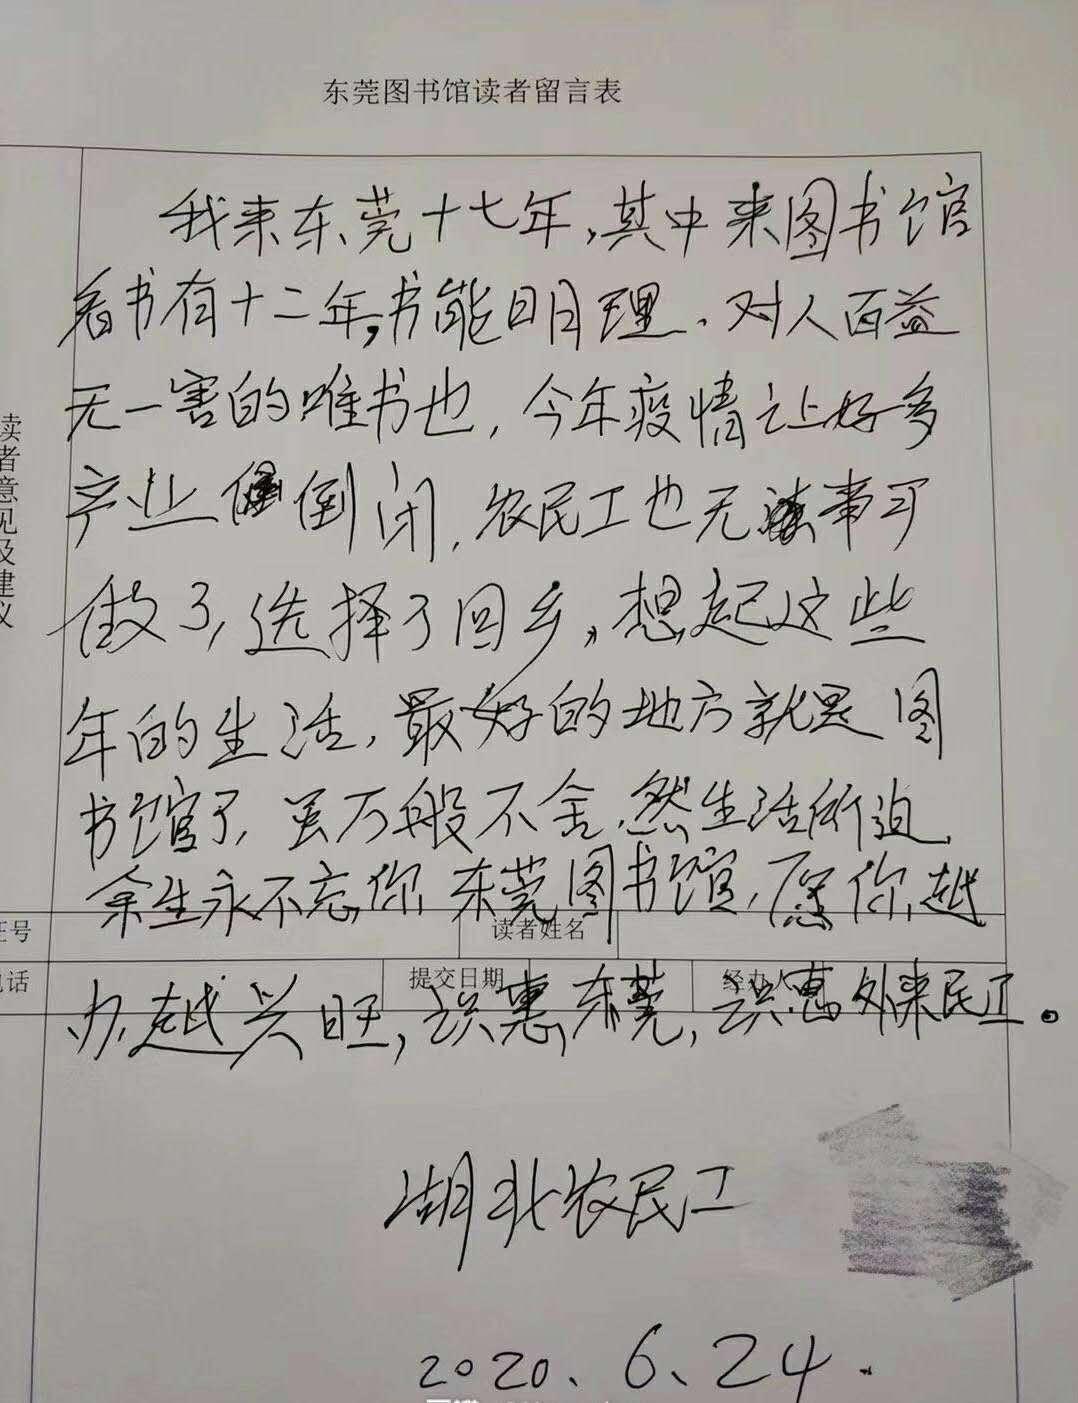 【杏悦】工吴桂春被聘杏悦为职工书屋公益代言图片